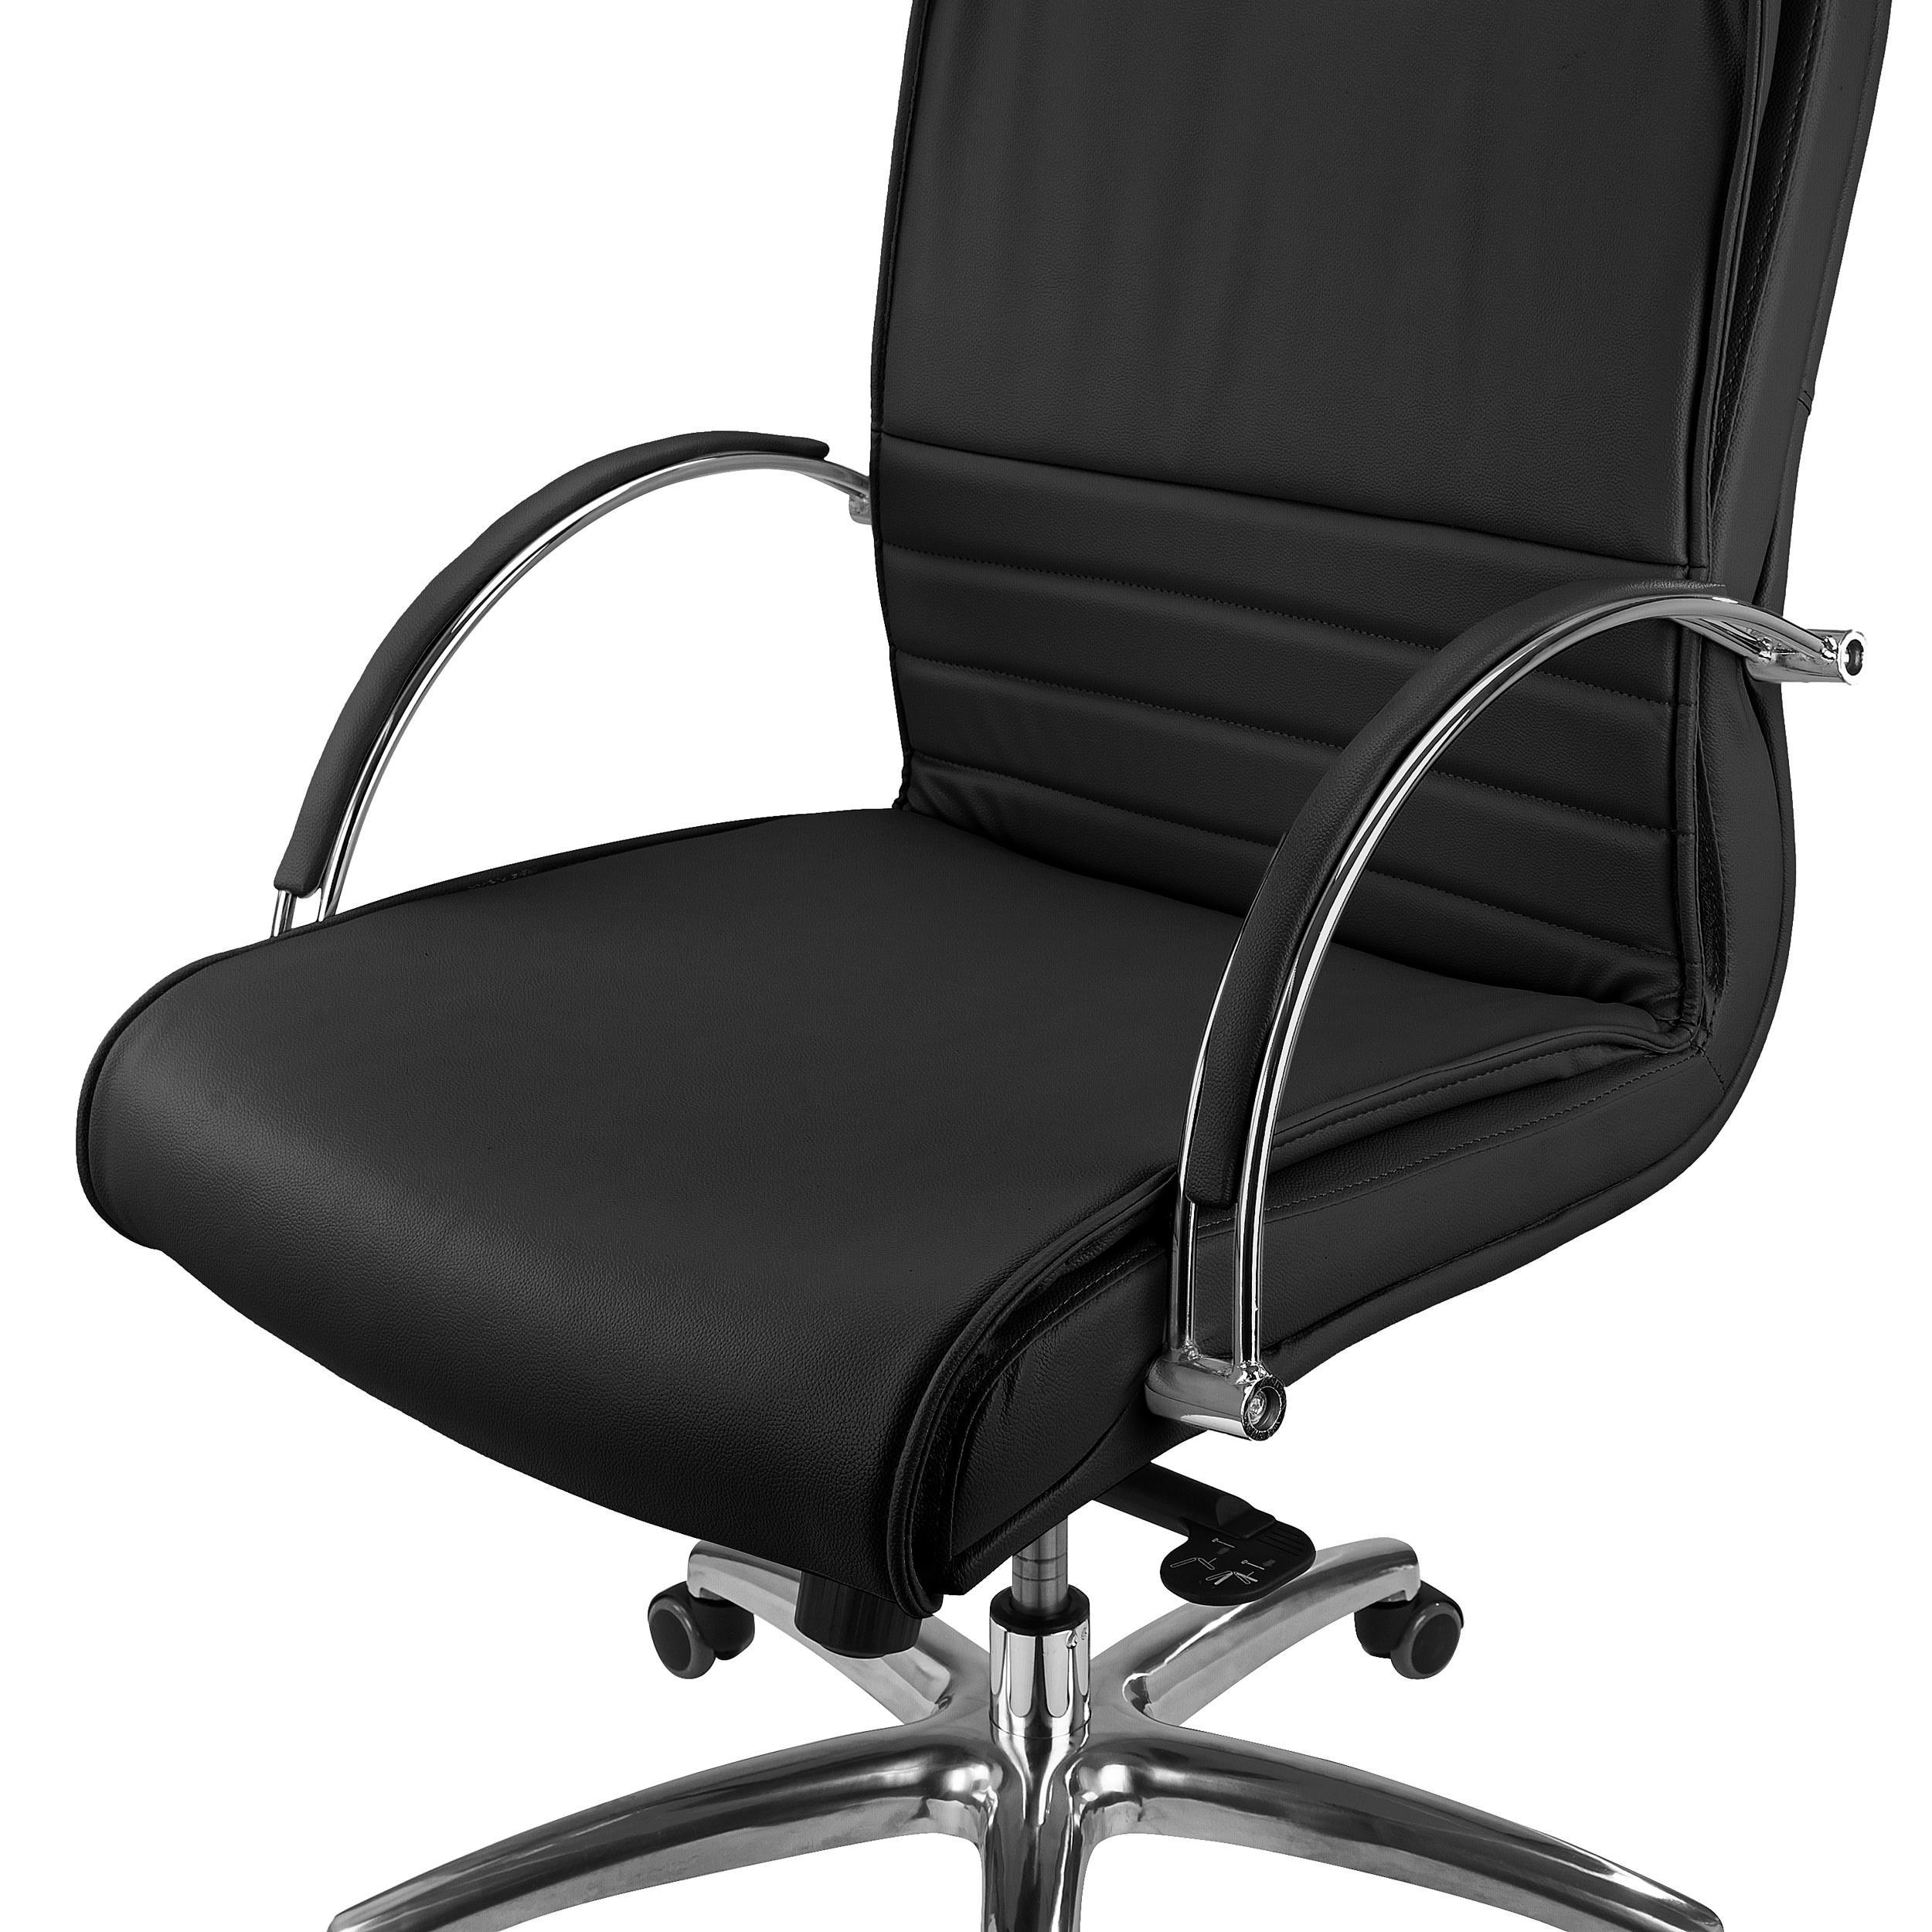 Poltrona ufficio VILLA, Design Elegante e Ricercato, in ...